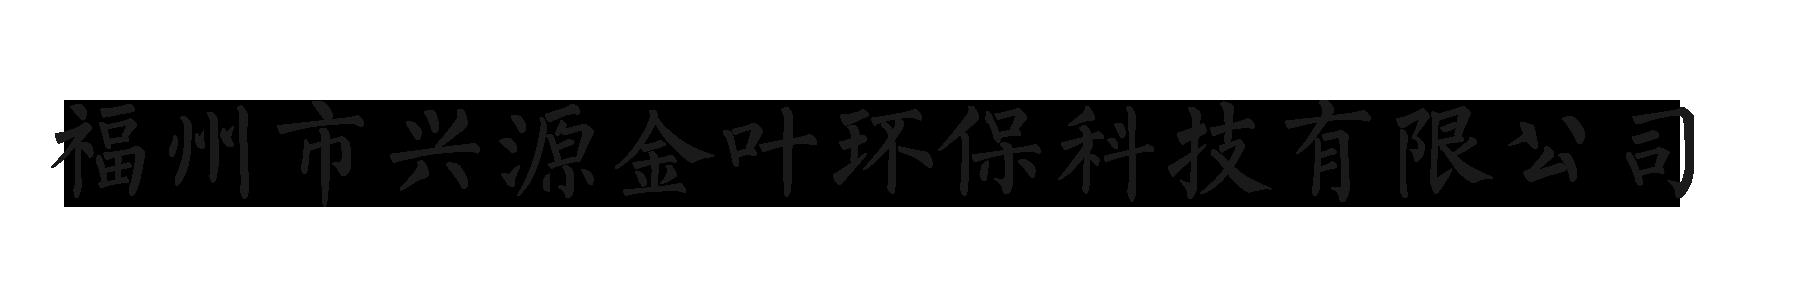 福州市兴源金叶环保科技有限公司